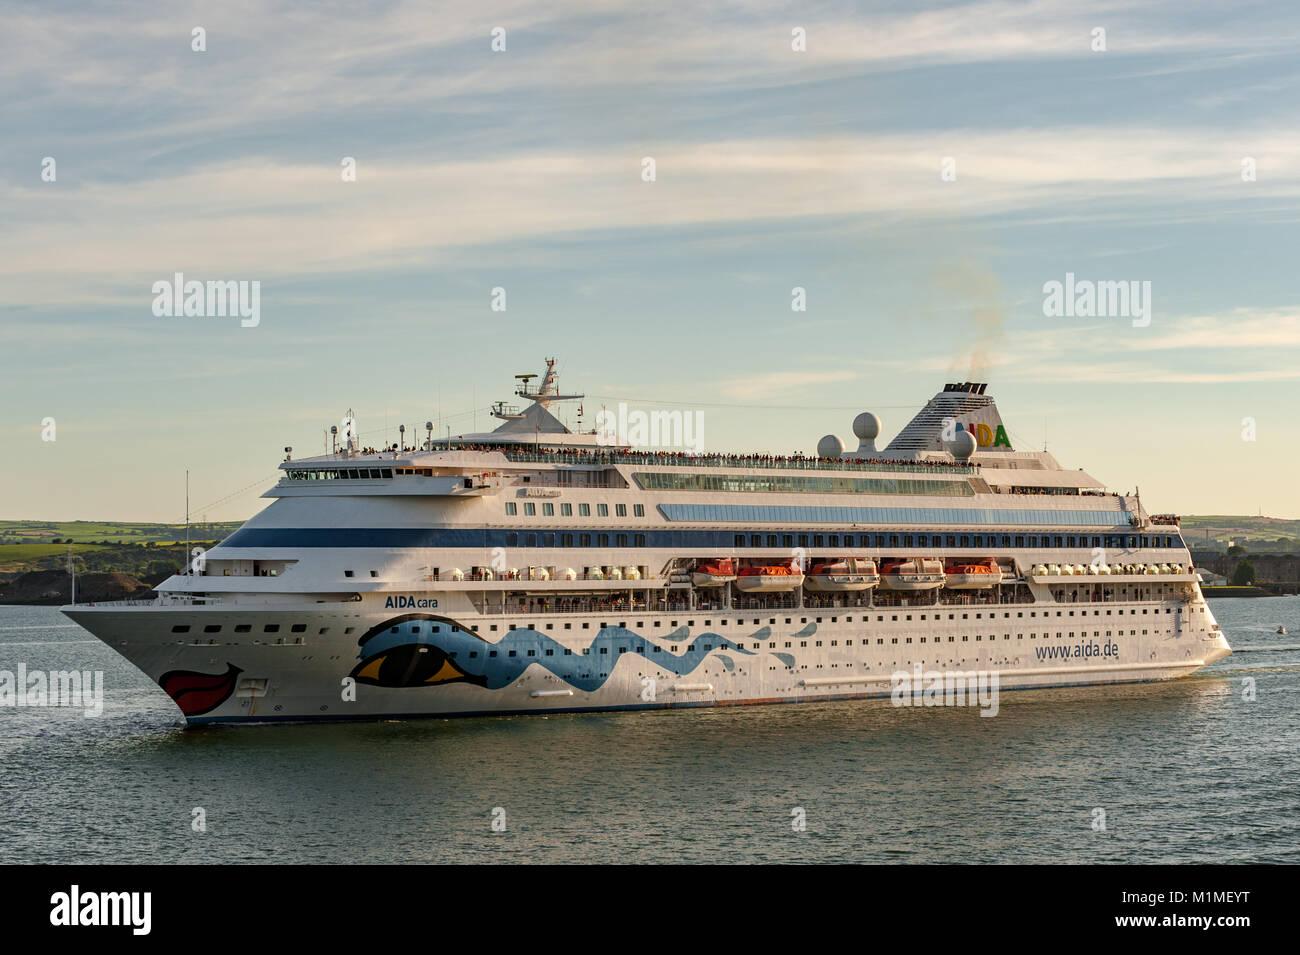 Cruise Ship AIDAcara Sails Through Cobh County Cork Ireland On - Cruise ship ireland